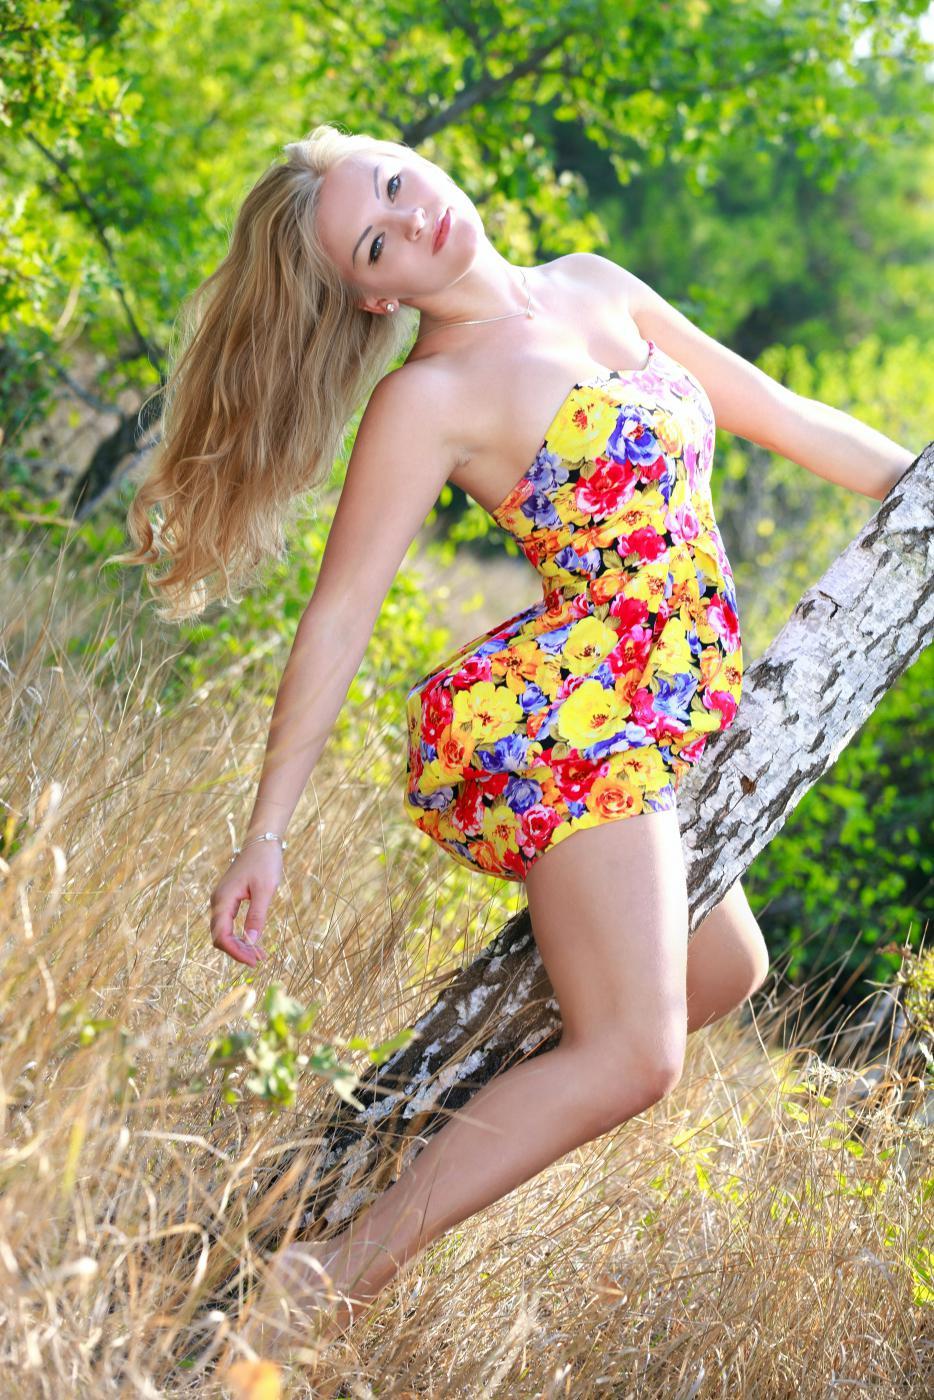 Обнаженная блондинка на природе  597487